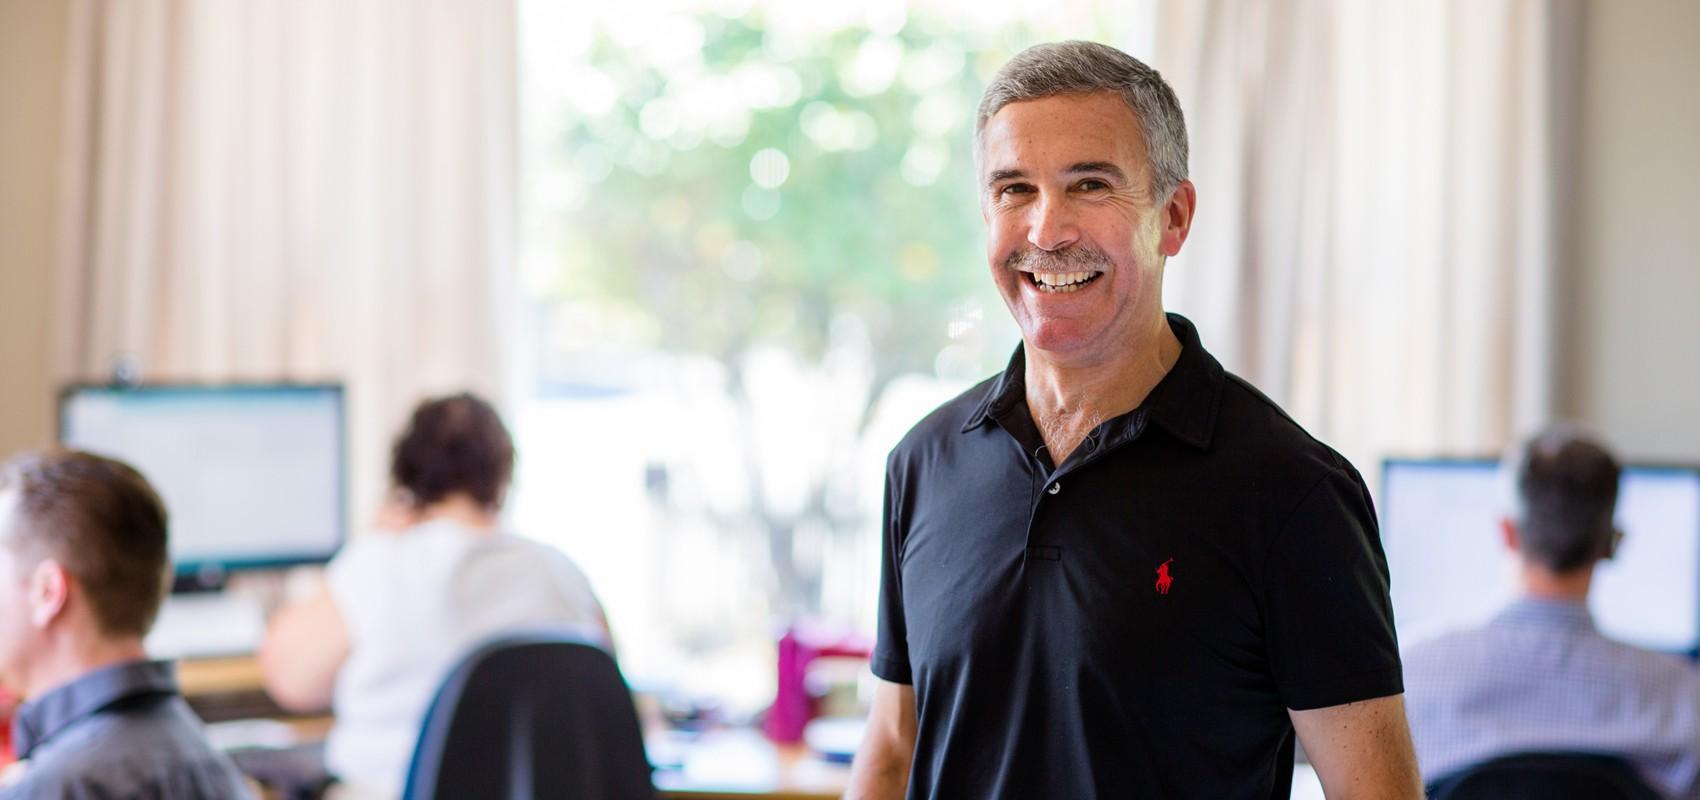 Steve Kilpatrick, electionz.com